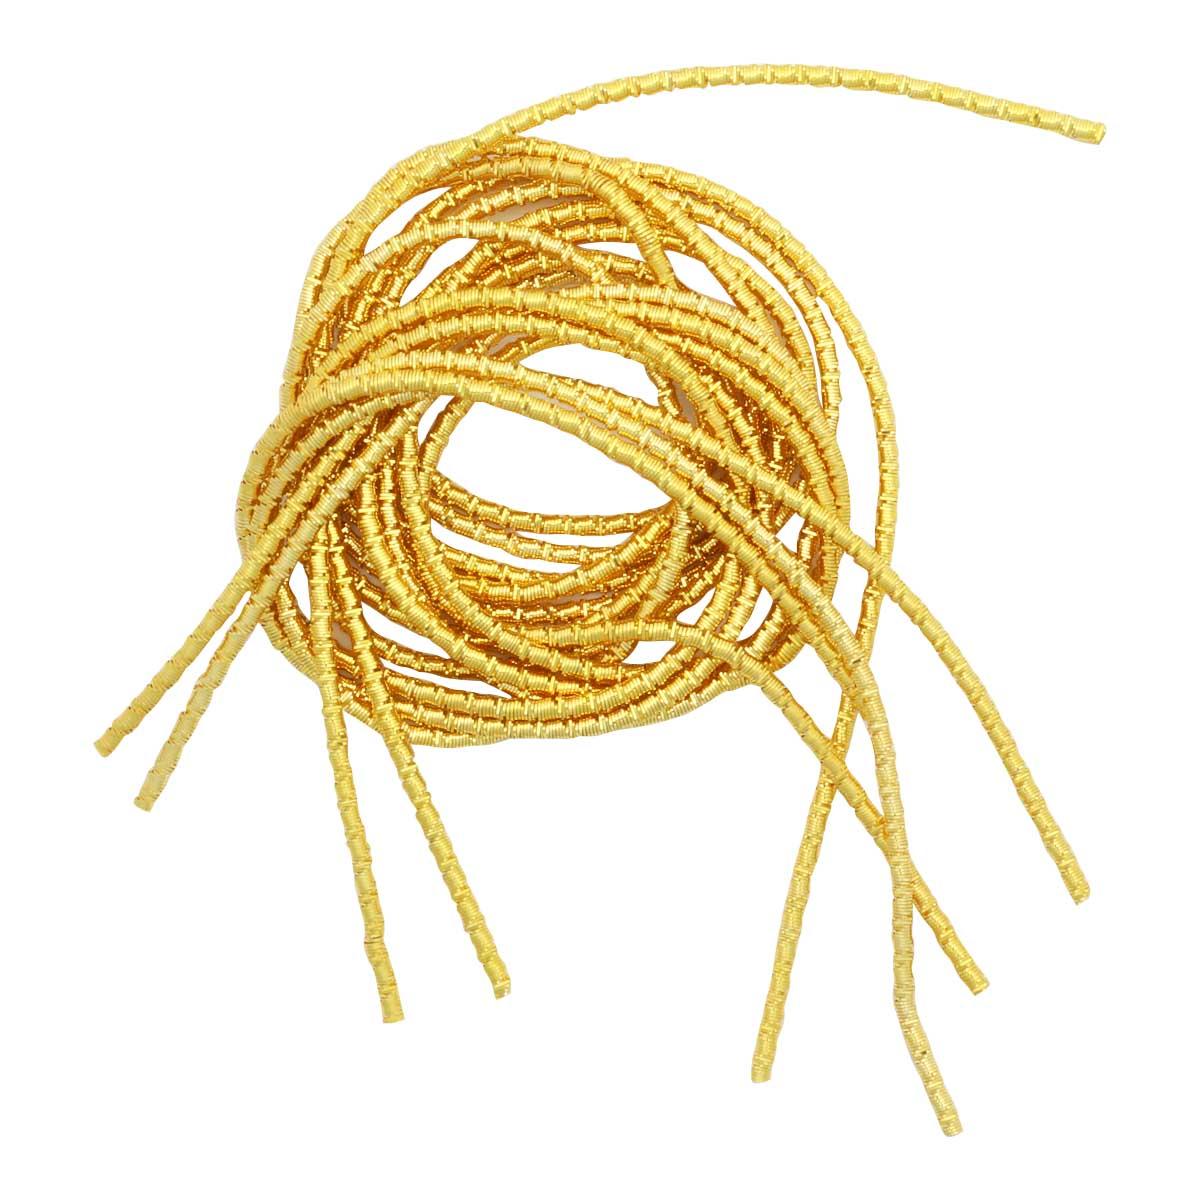 ТБ003НН2 Трунцал Бамбук золото 2 мм, 5 гр. +/- 0,1 гр.